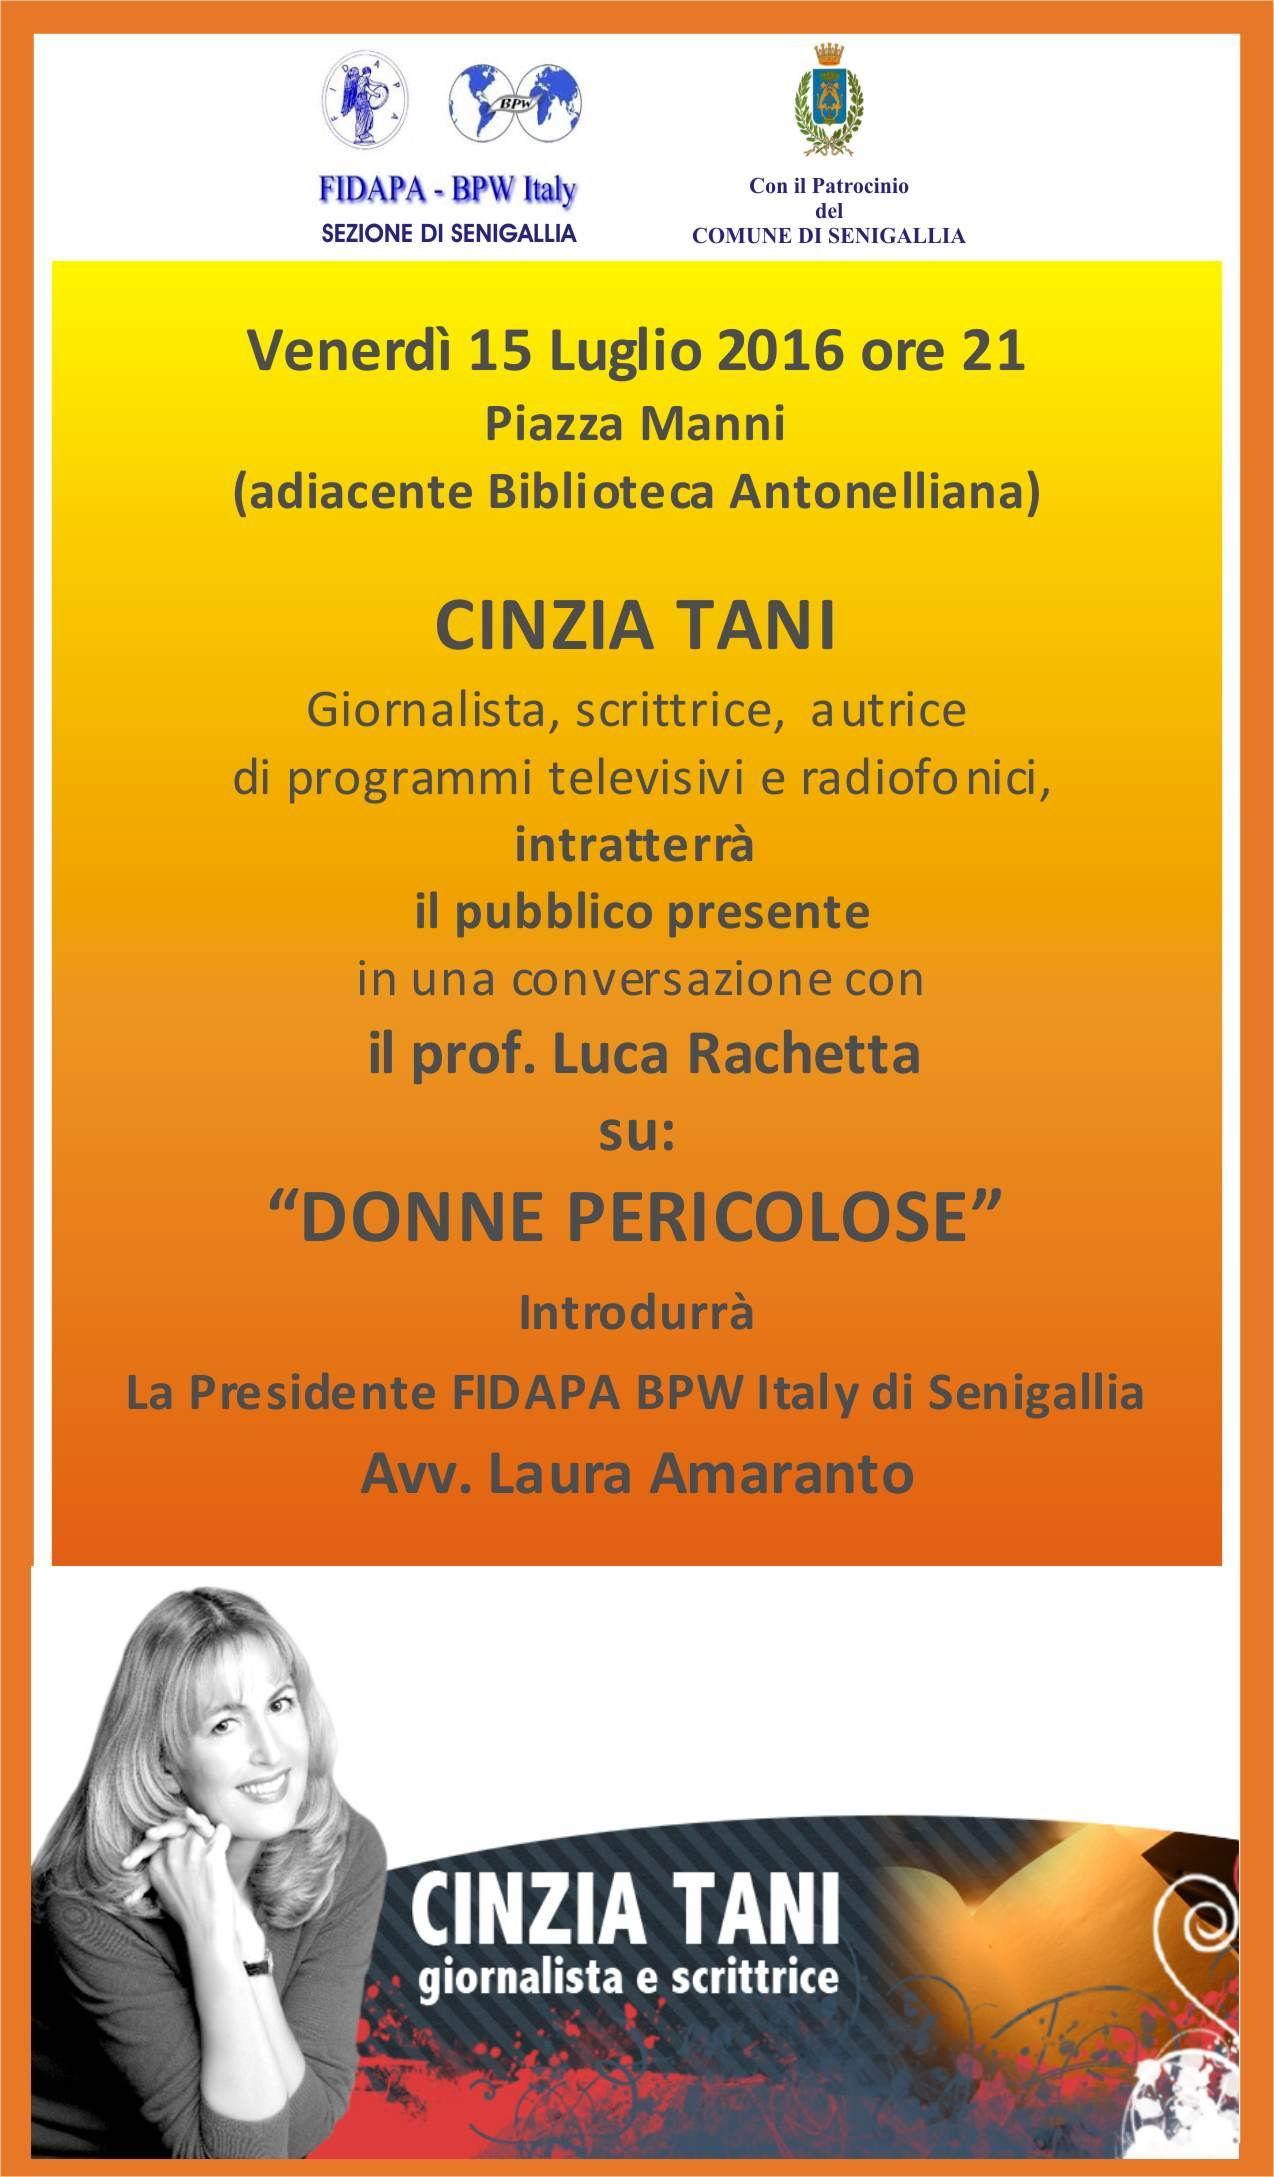 """Le """"Donne pericolose"""" della scrittrice Cinzia Tani venerdì a Senigallia"""